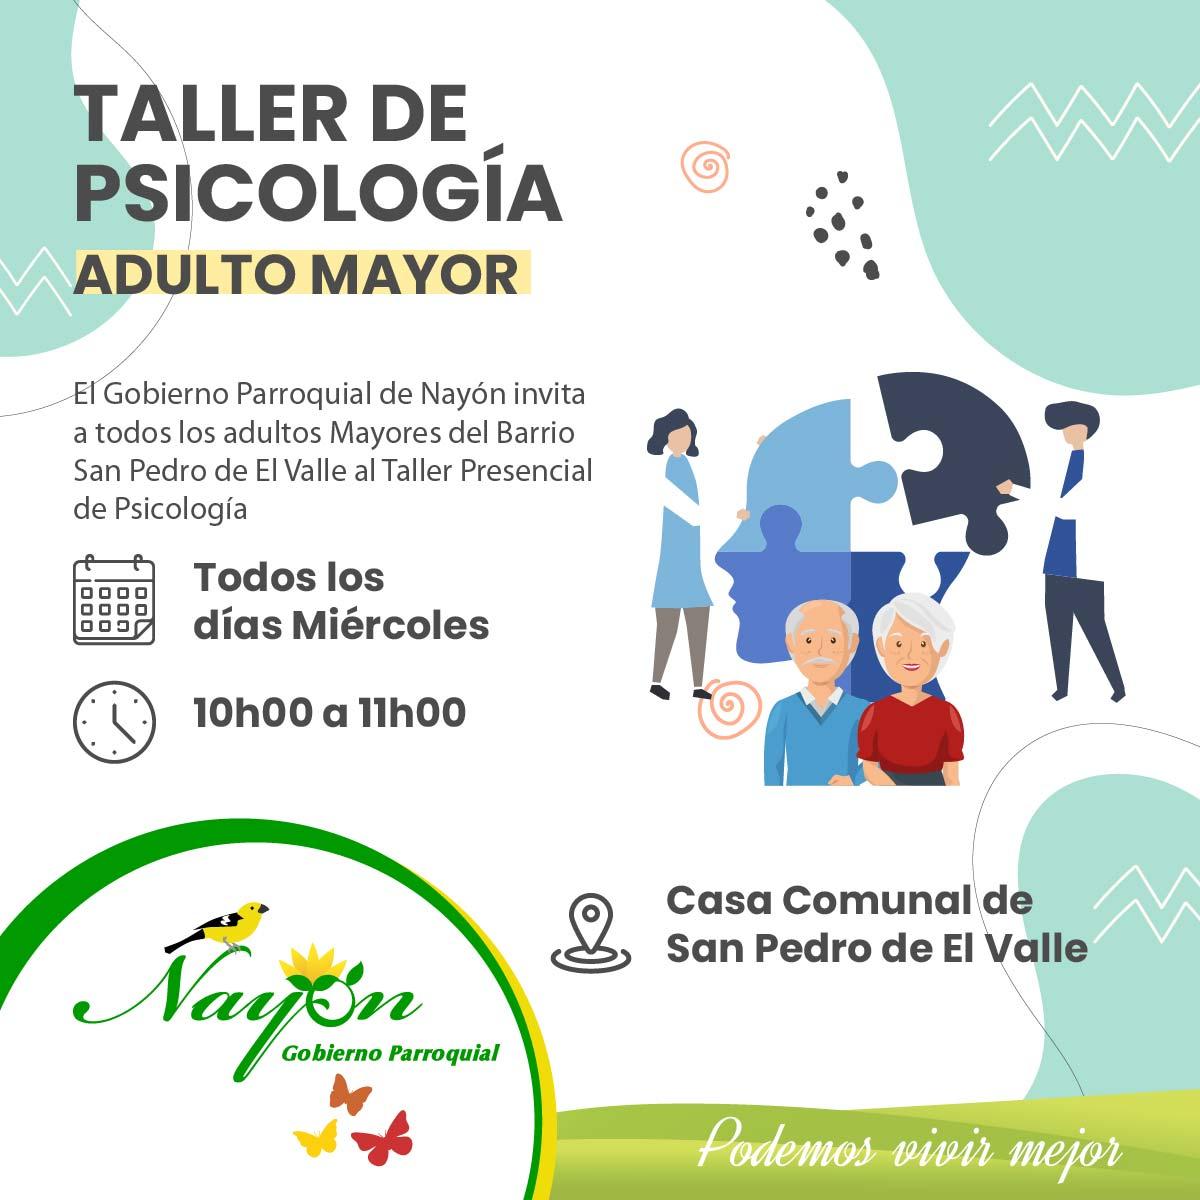 Taller de Psicología para el Adulto Mayor